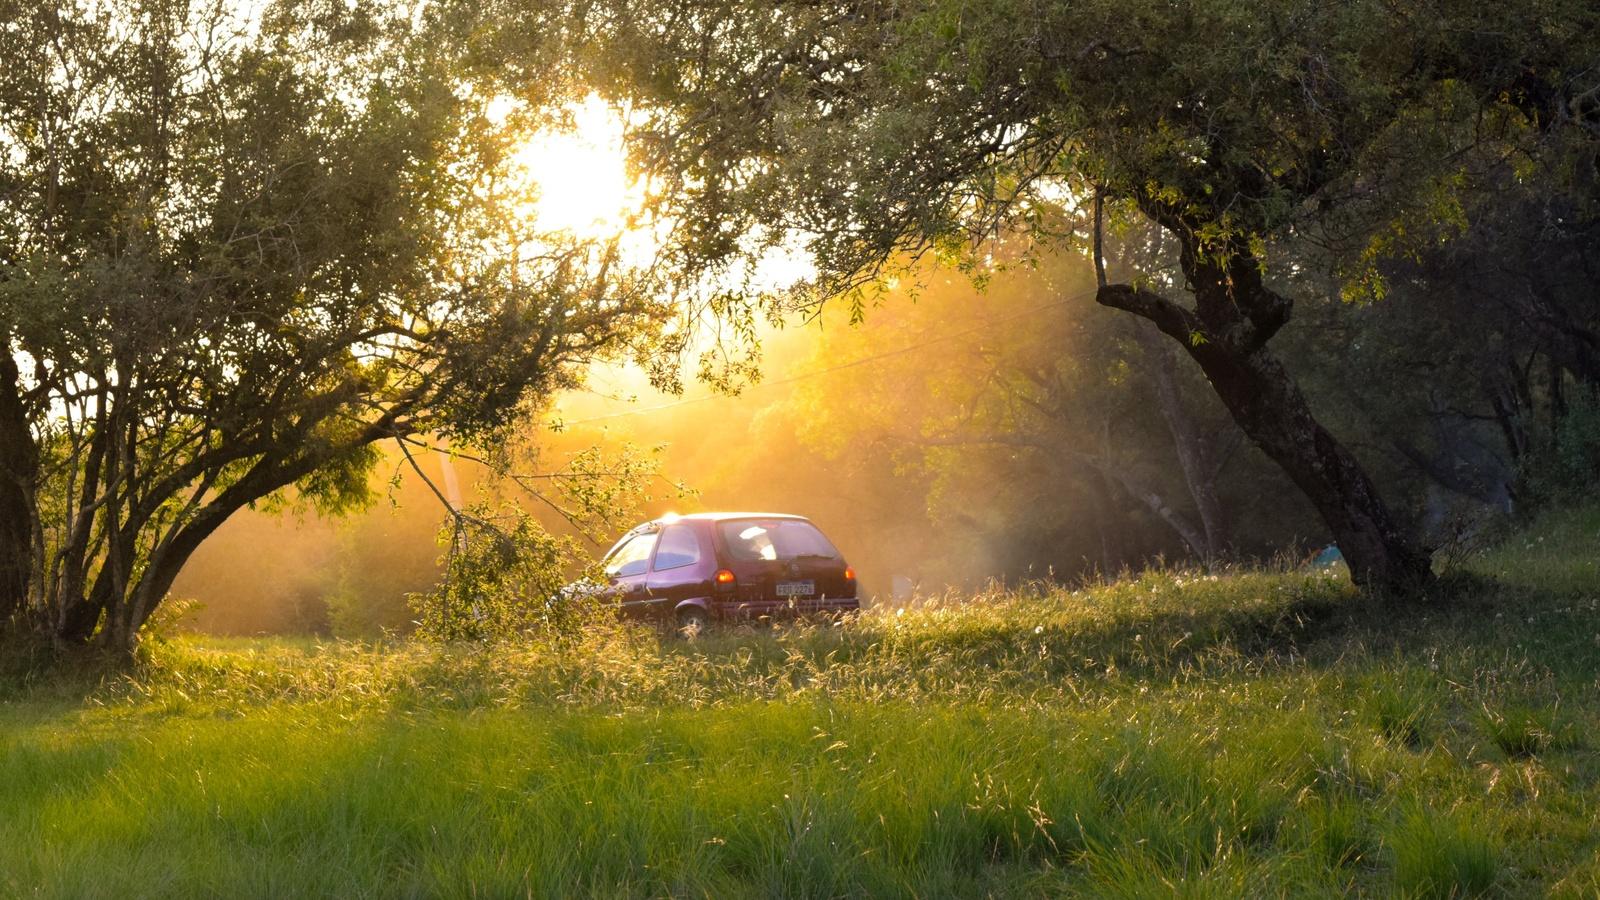 солнце, природа, авто